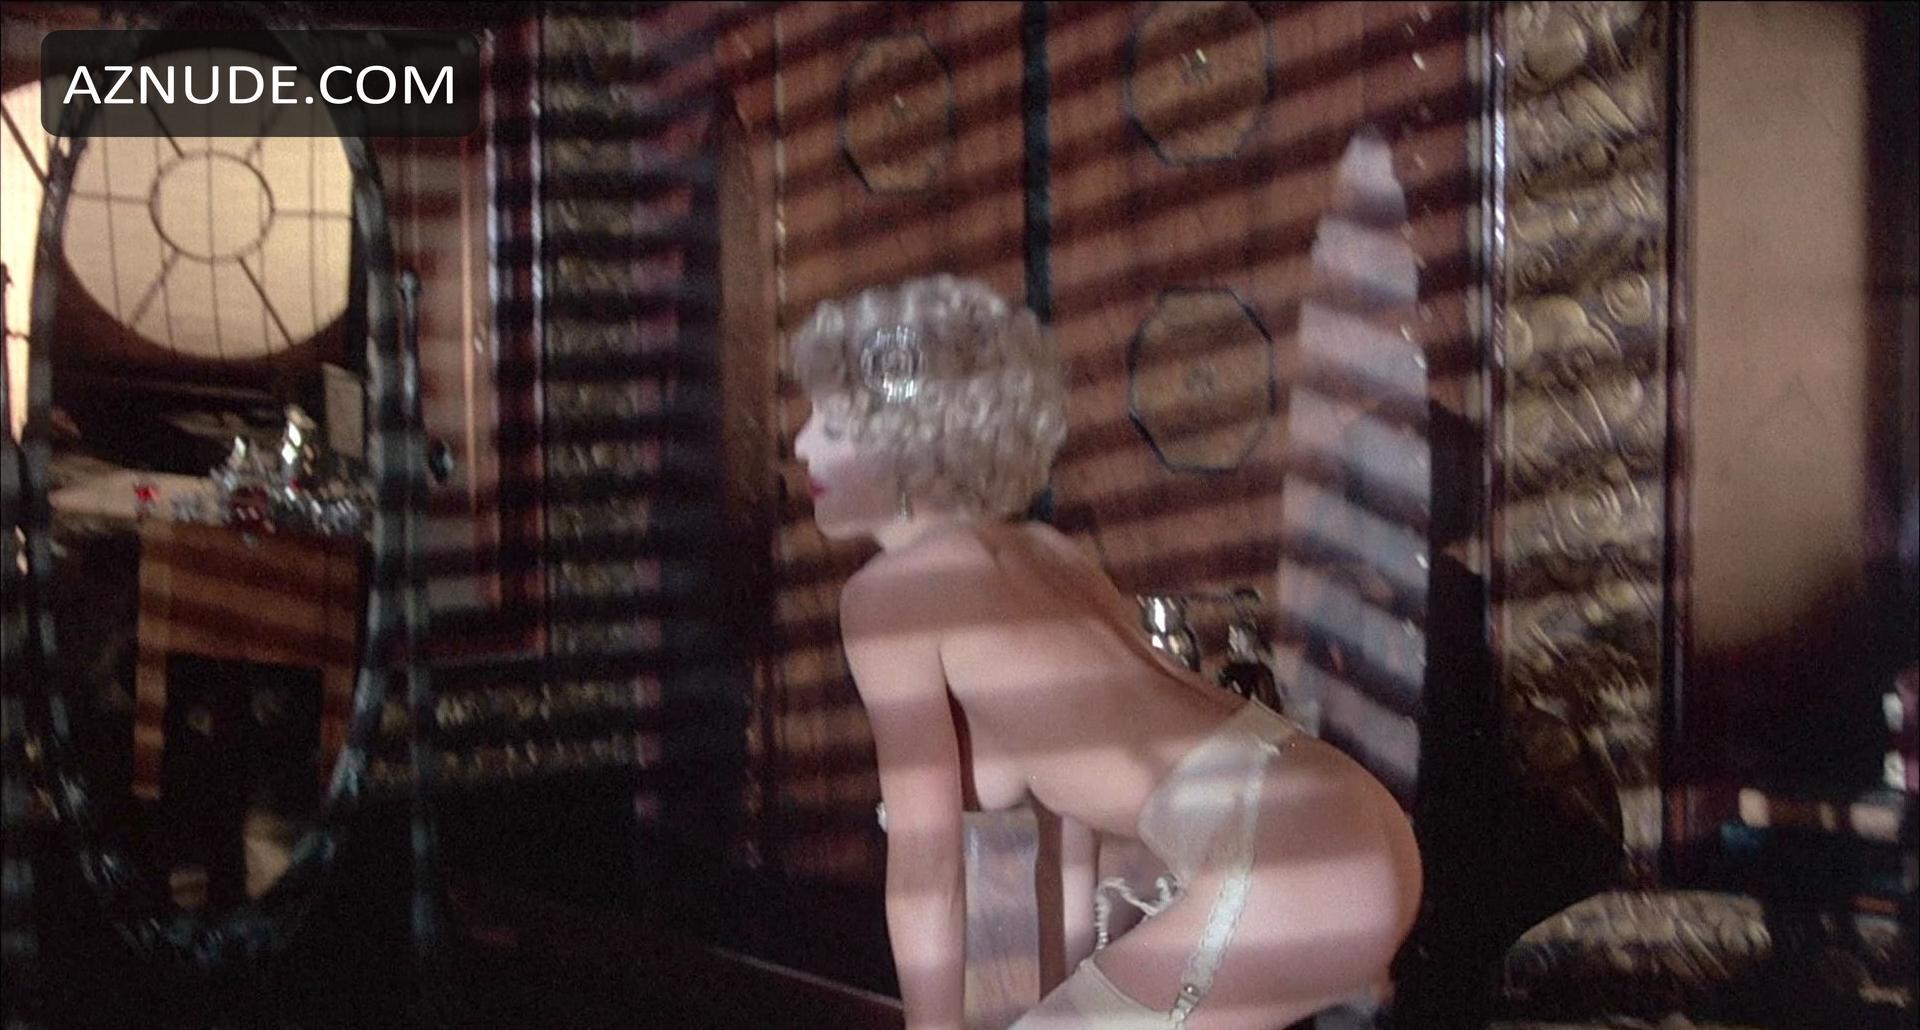 Valentino Nude Scenes - Aznude-7273